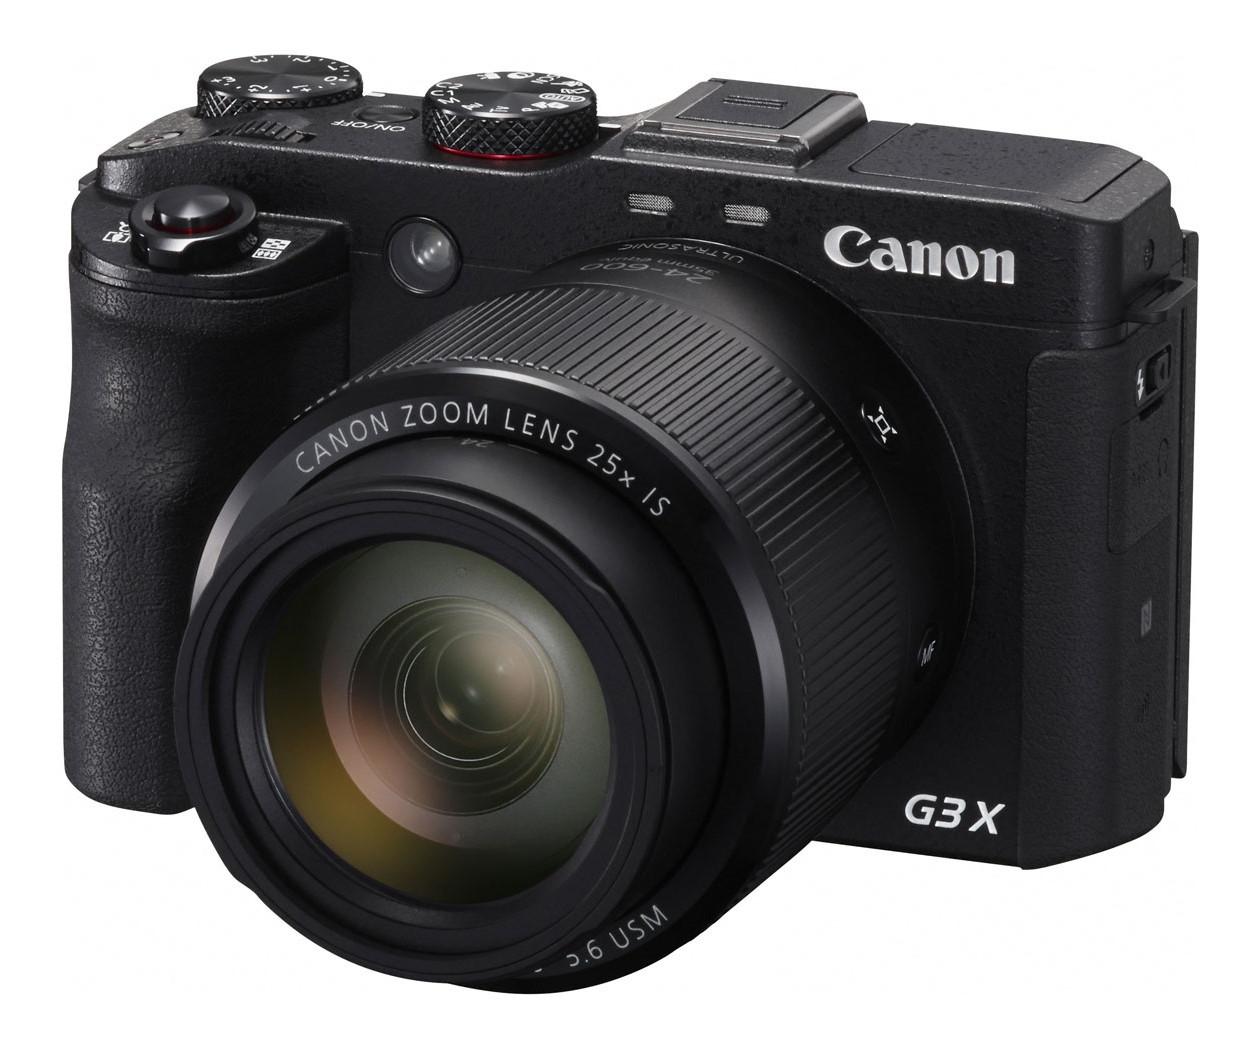 【送料無料】PowerShot G3X[コンパクトデジタルカメラ 2020万画素]